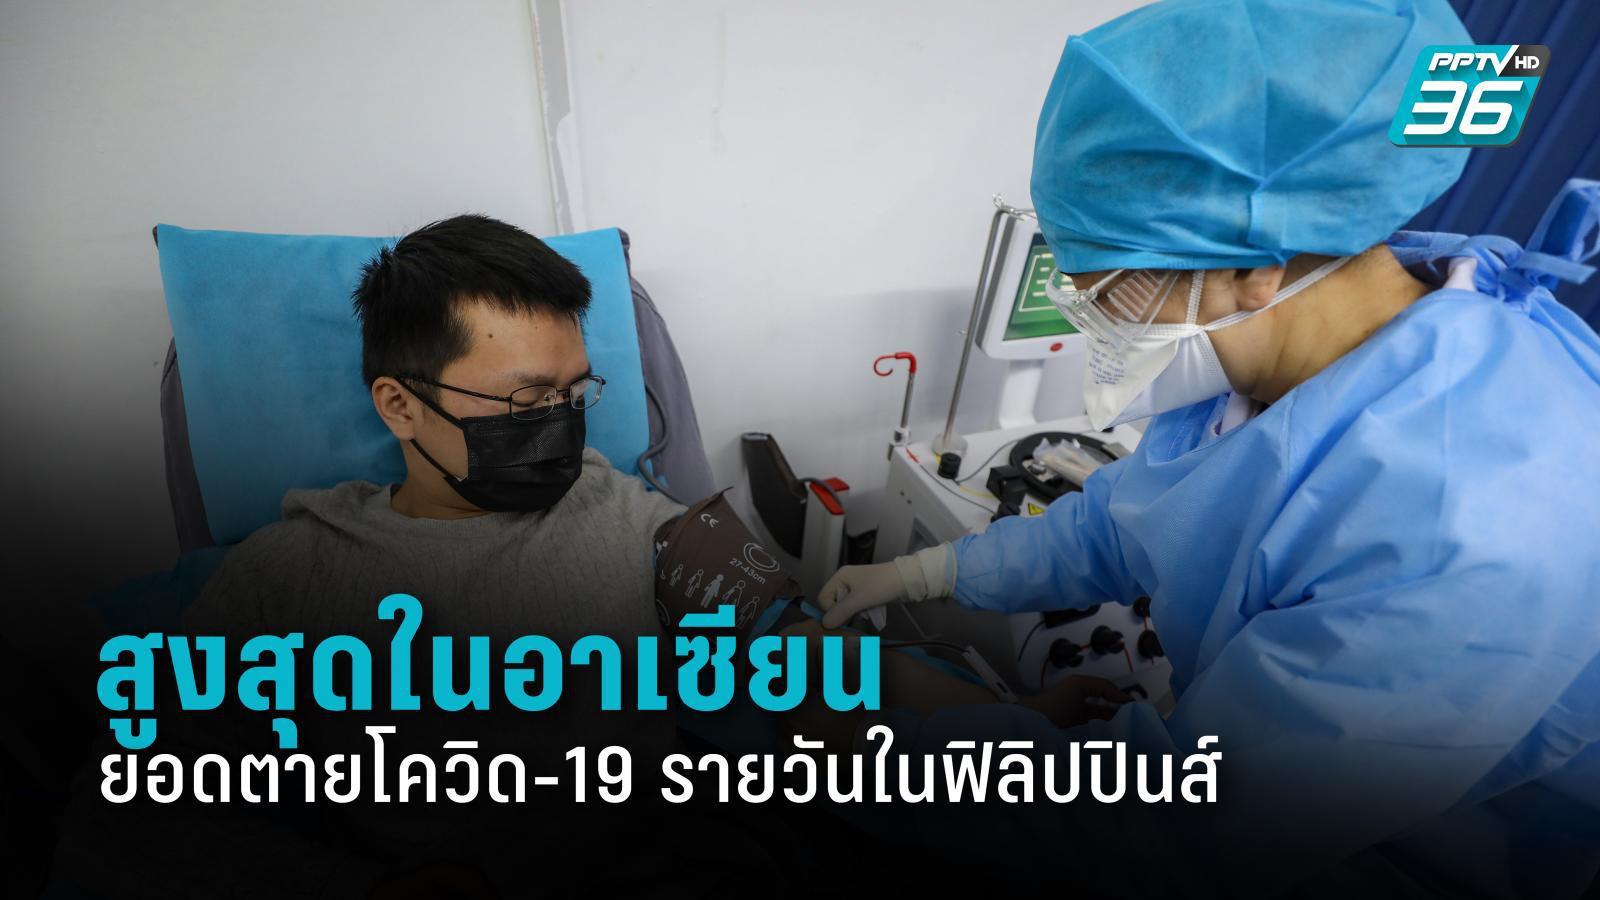 ฟิลิปปินส์ป่วยโควิด-19 ยอดตายรายวันสูงสุดในอาเซียน